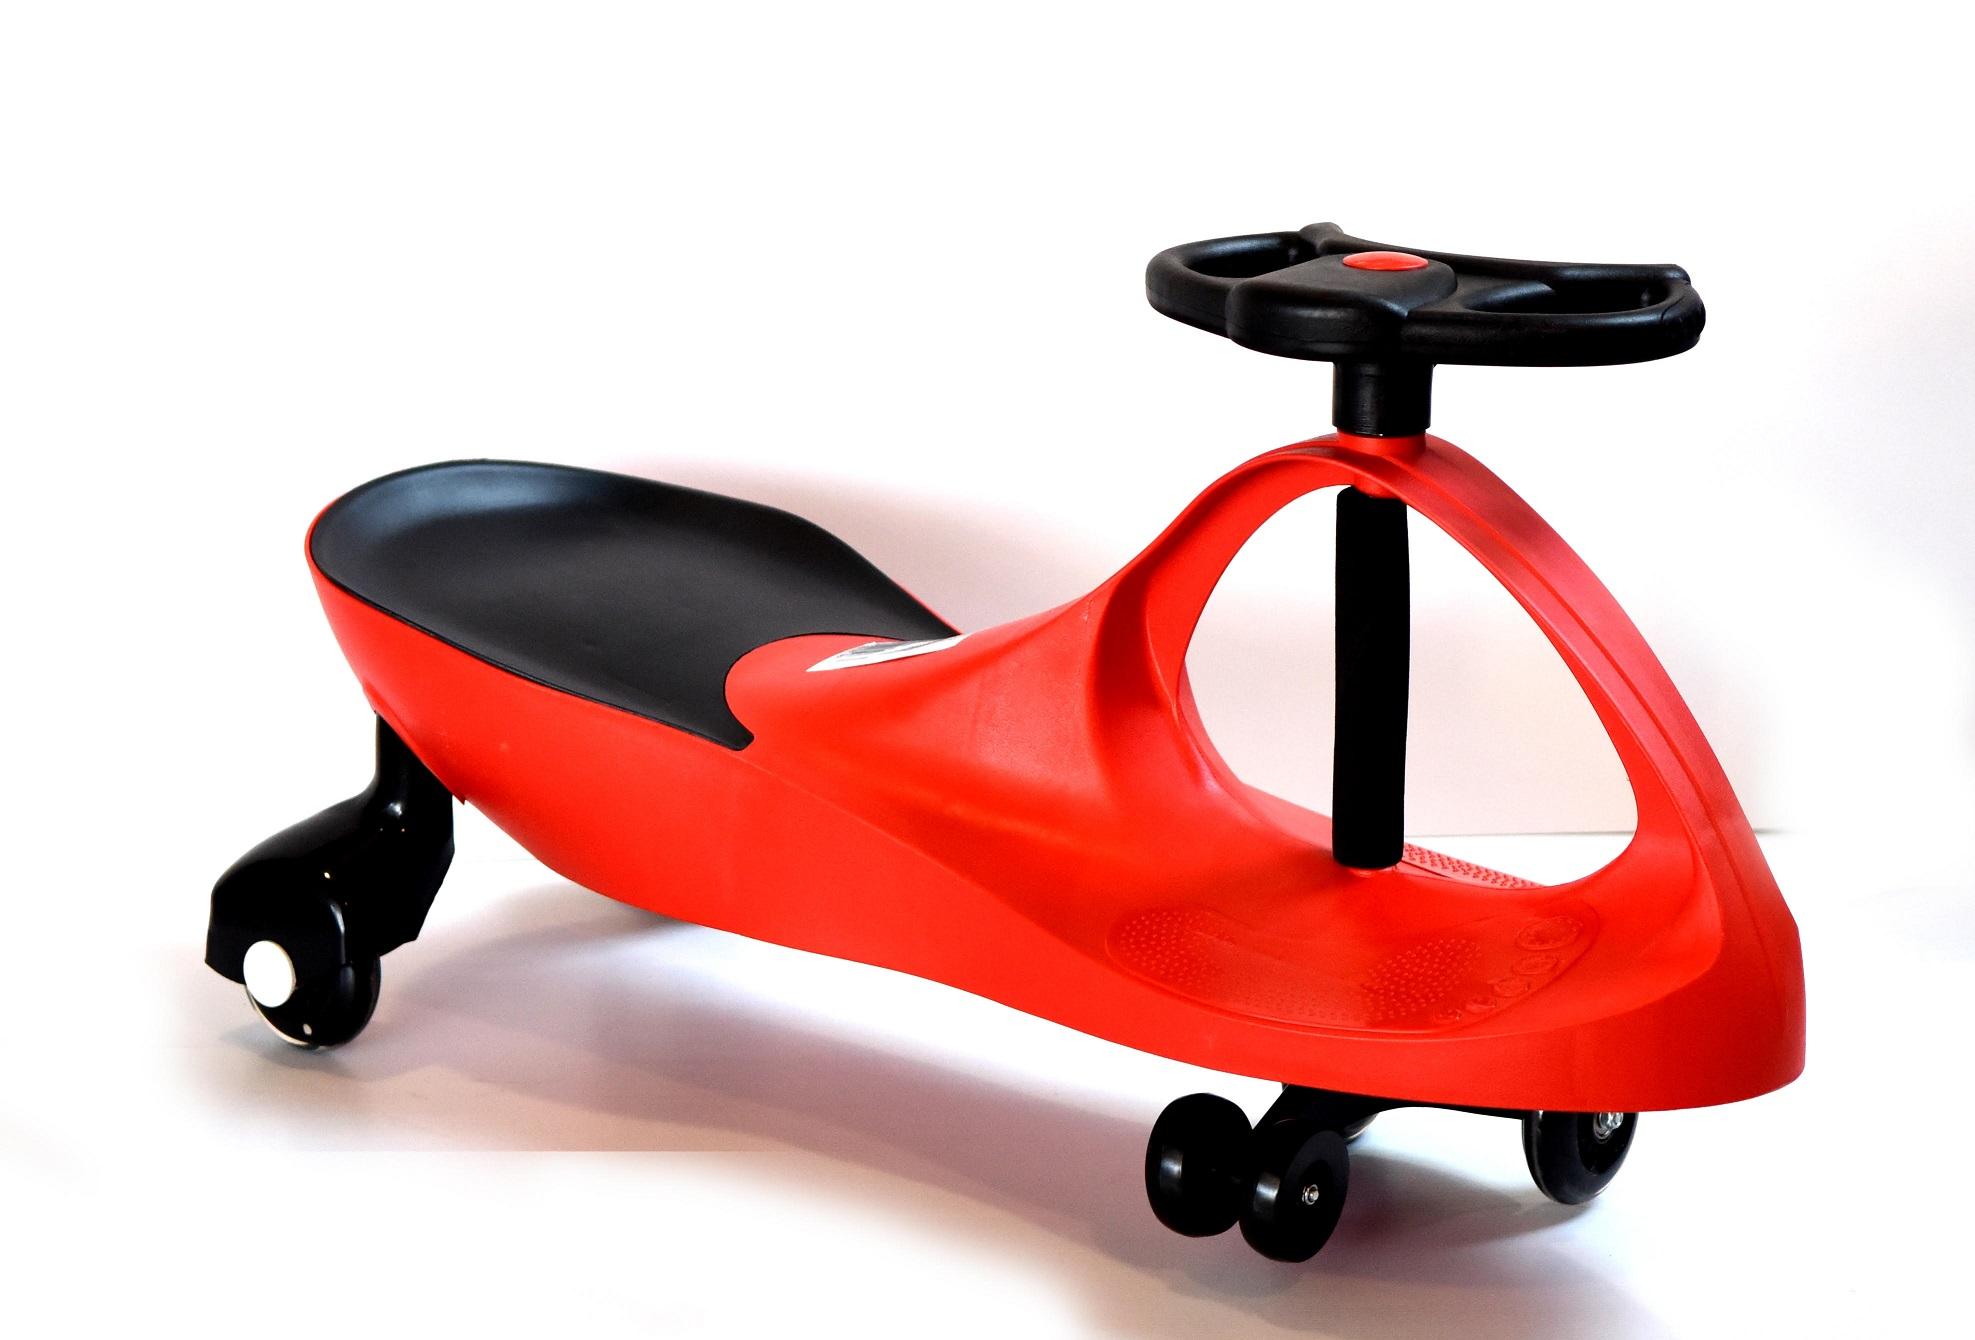 פנטסטי בימבה כיף | מכונית בימבה לילד | מרכז הצעצועים | מבחר ענק במחירים RG-06